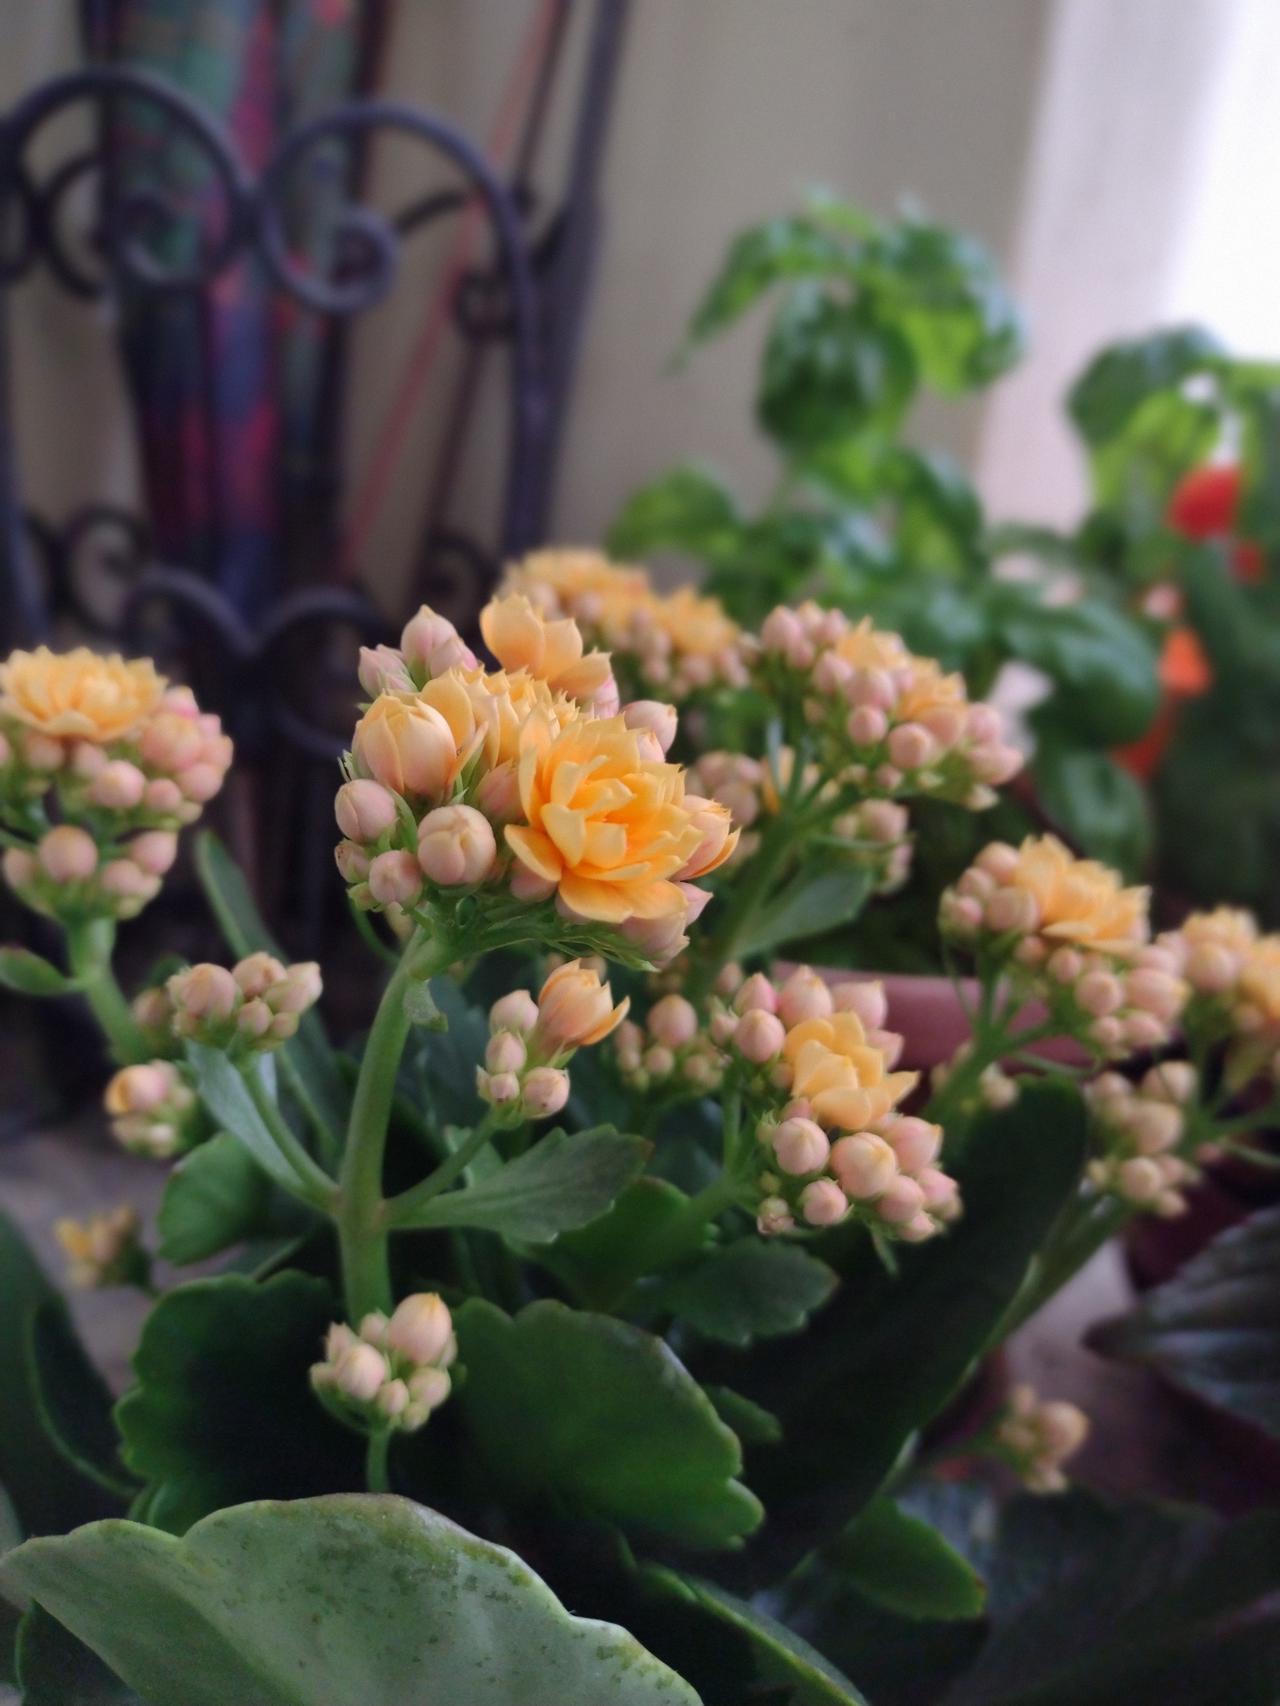 Flourishing yellow